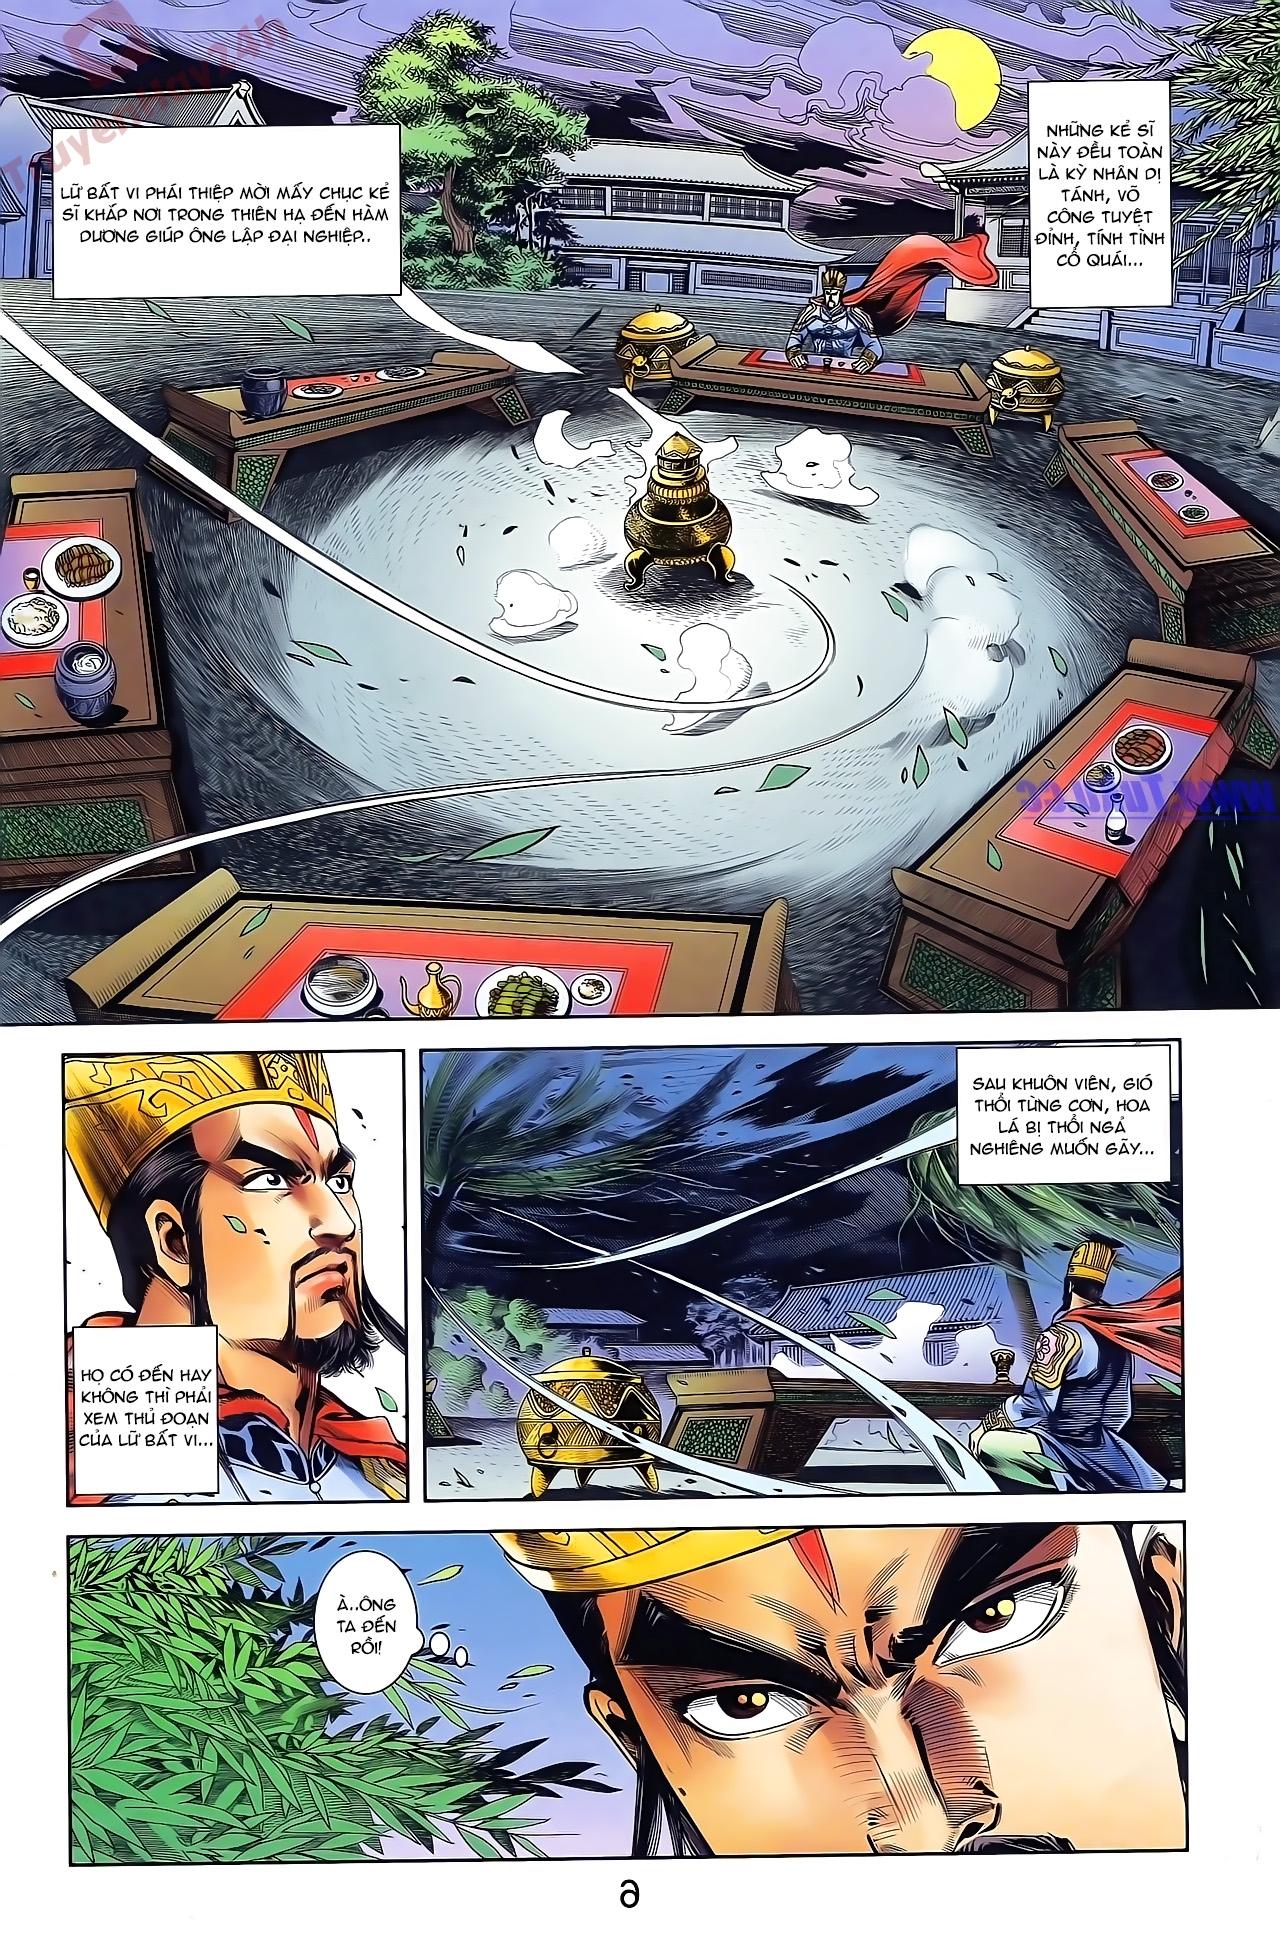 Tần Vương Doanh Chính chapter 42 trang 18